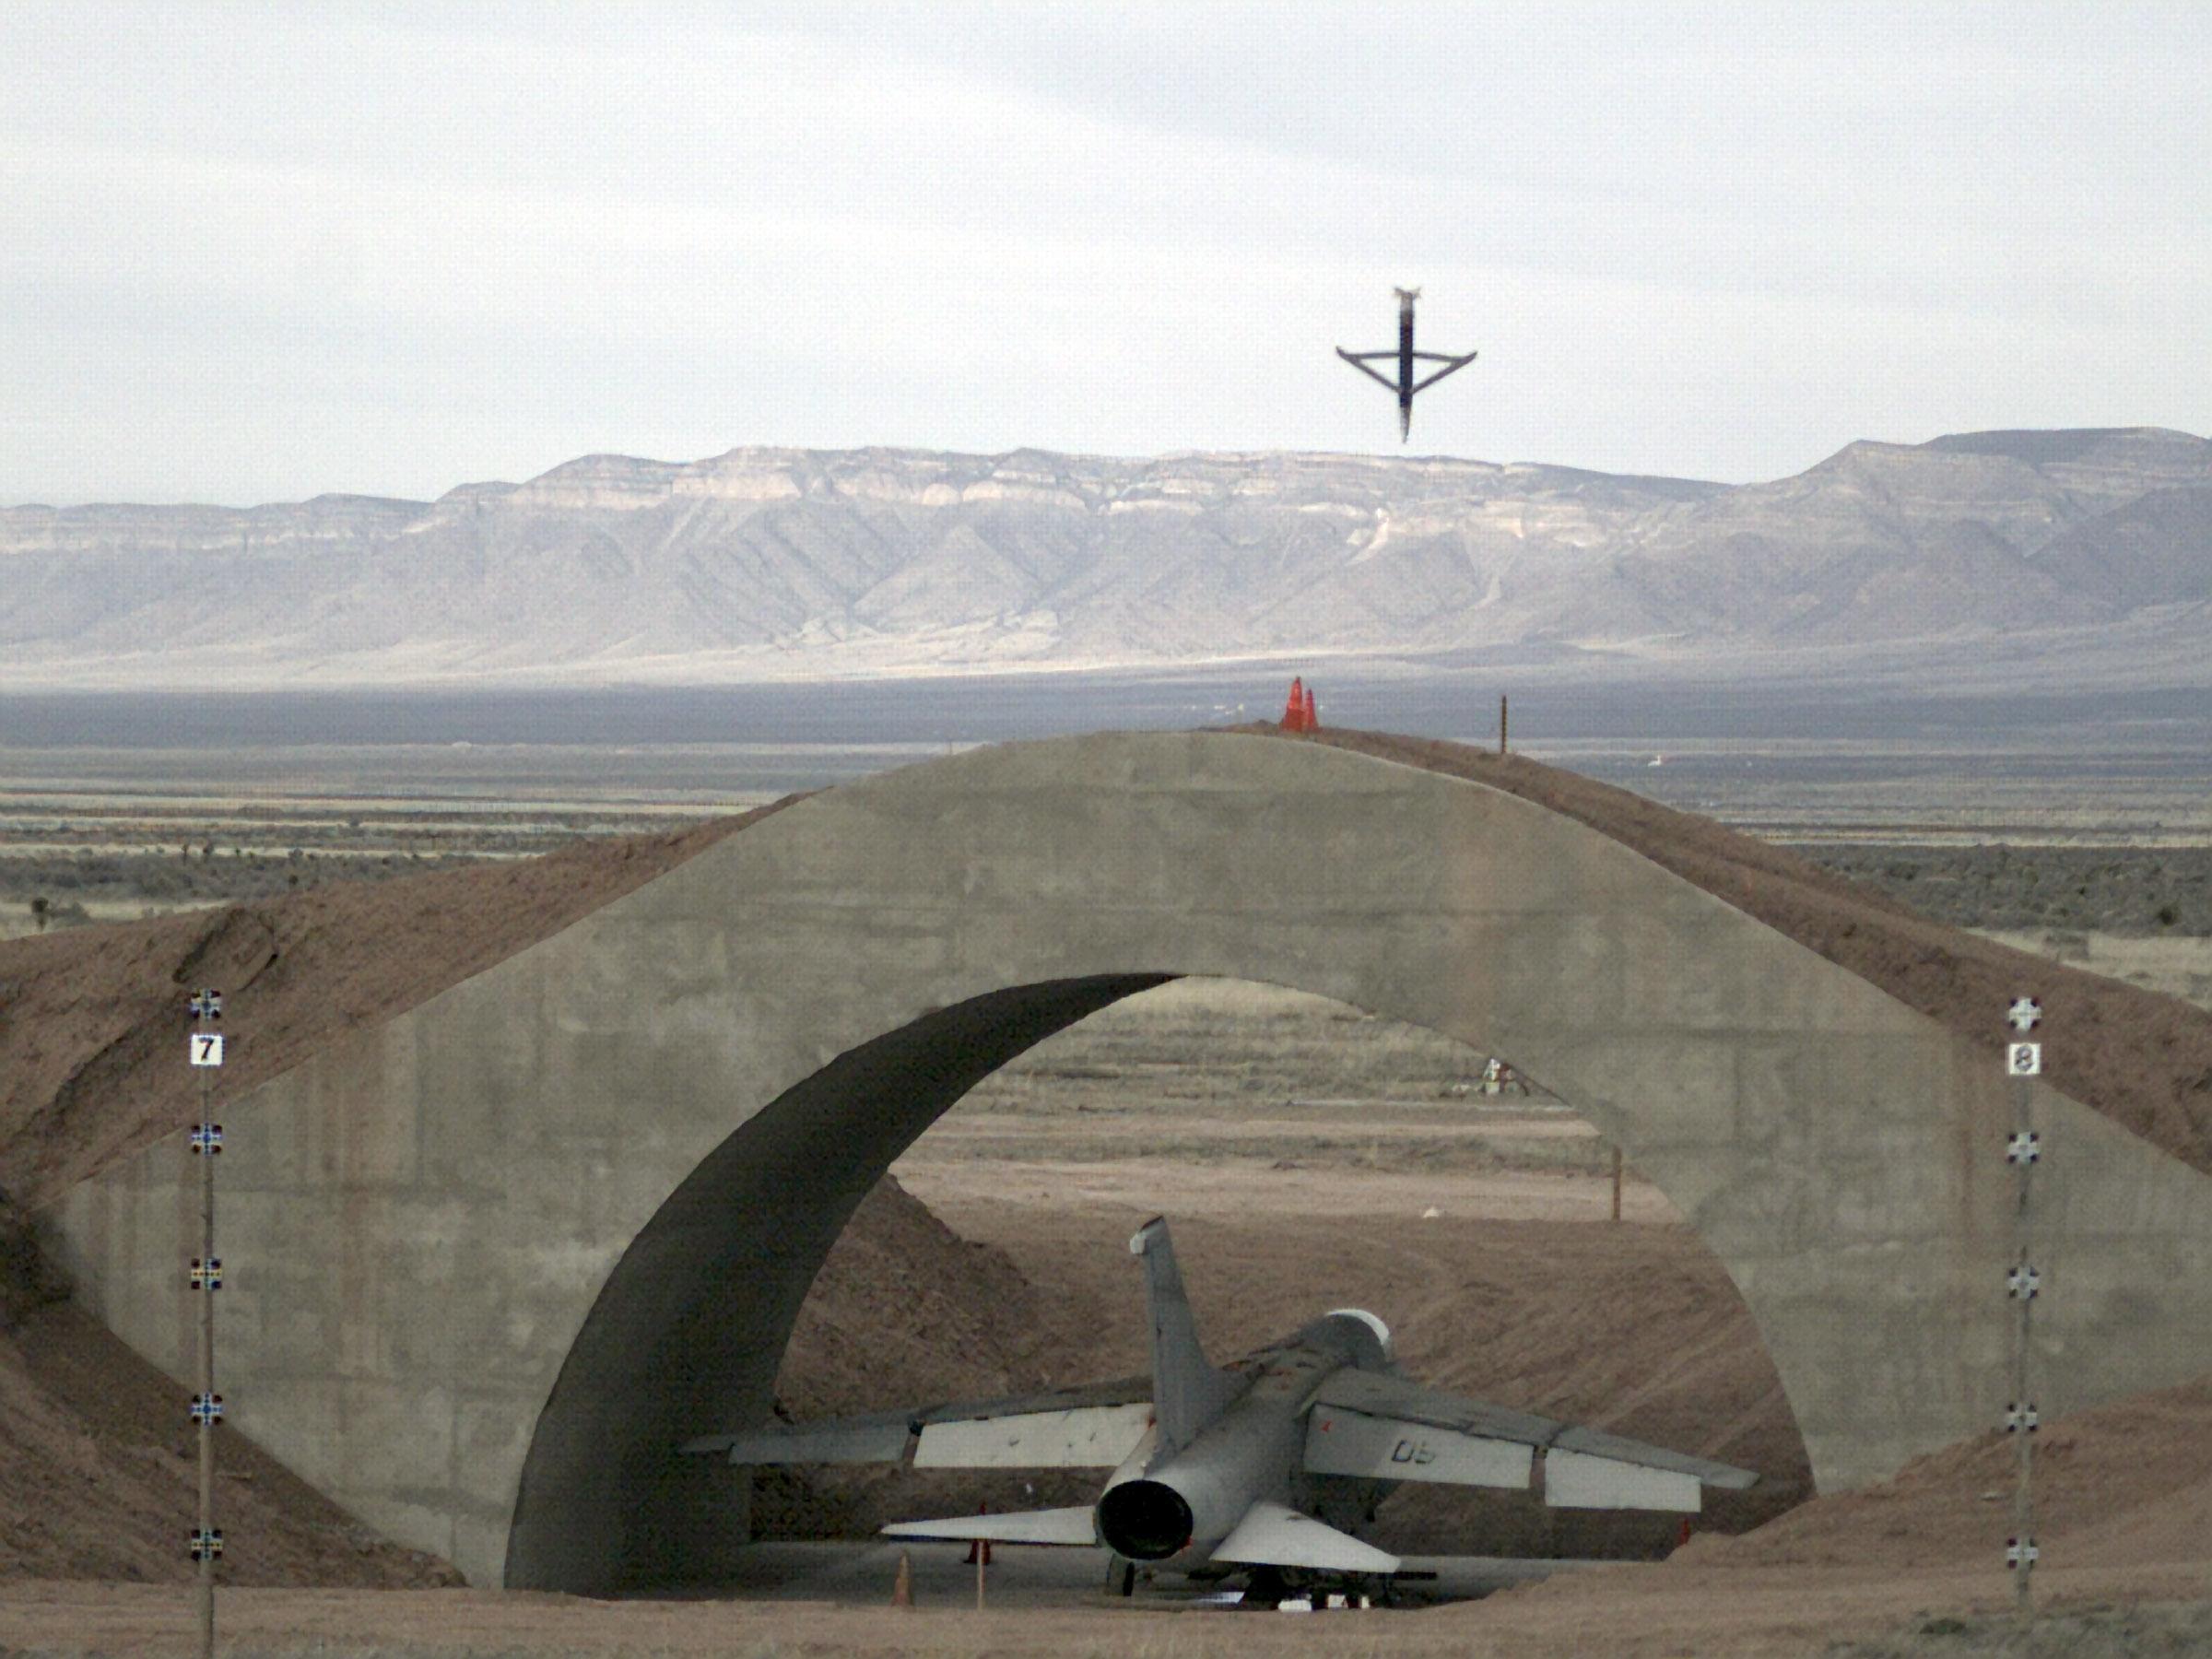 http://www.aereo.jor.br/wp-content/uploads//2018/01/small-diameter-bomb-1.jpg